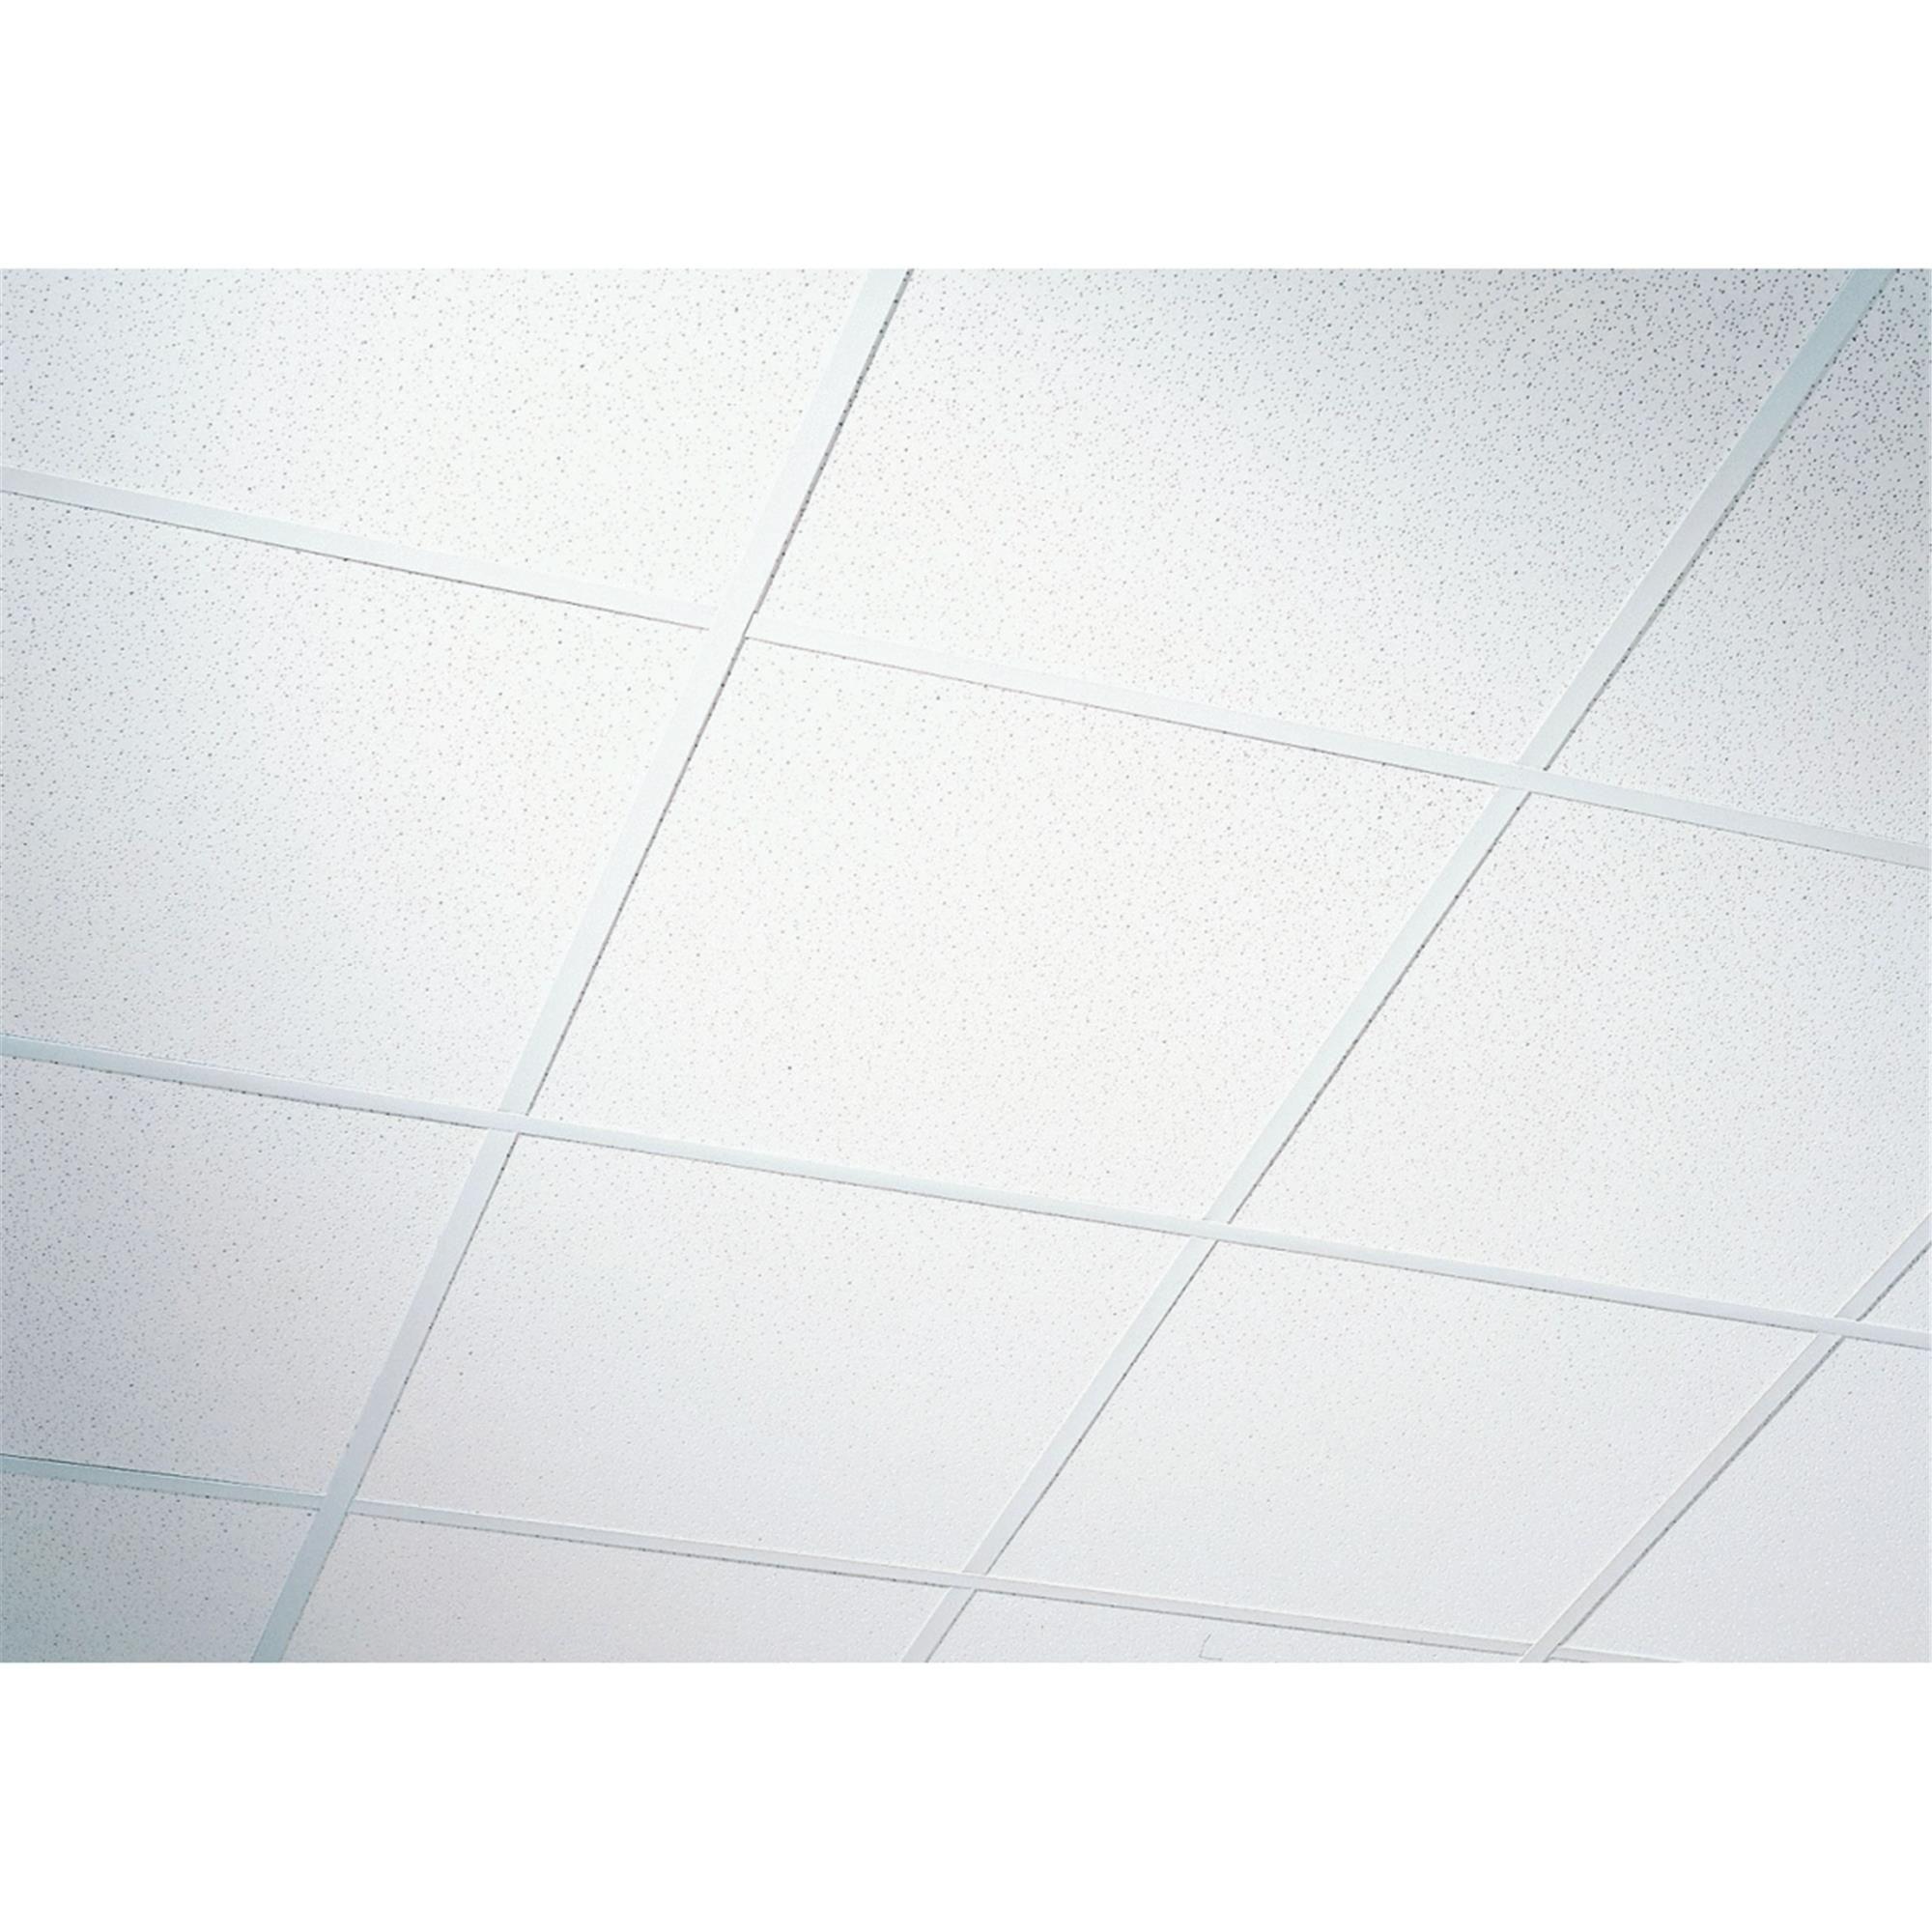 Usg Ceiling Tiles Radar R2120 Httpcreativechairsandtables